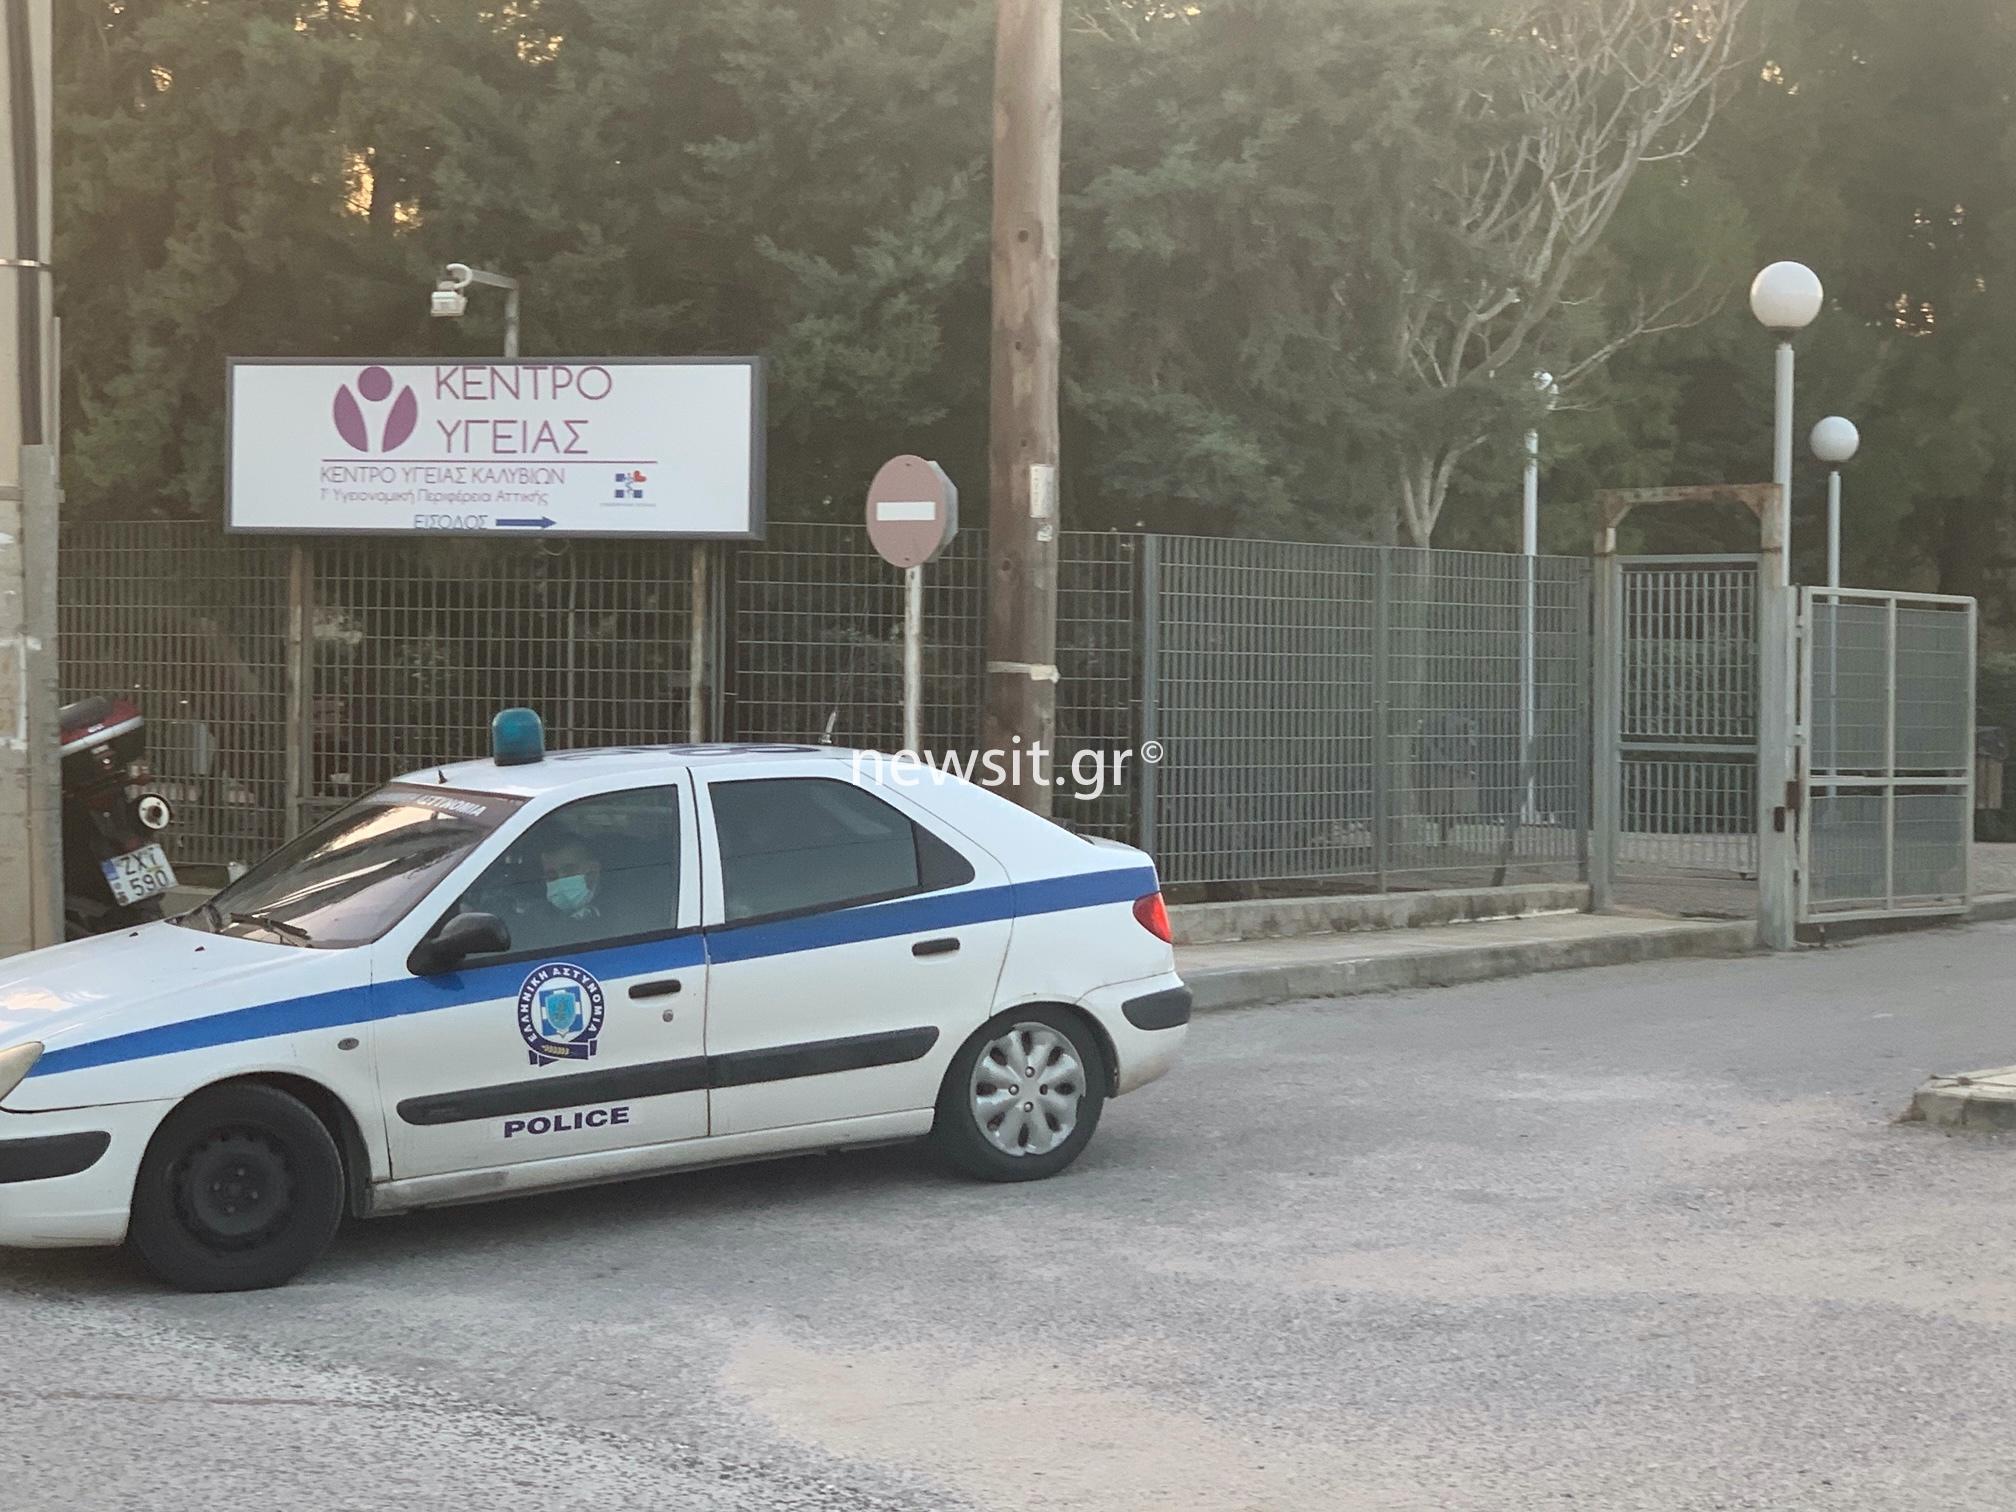 Καλύβια: Ανατροπή με την εκτέλεση του 60χρονου στο Κέντρο Υγείας